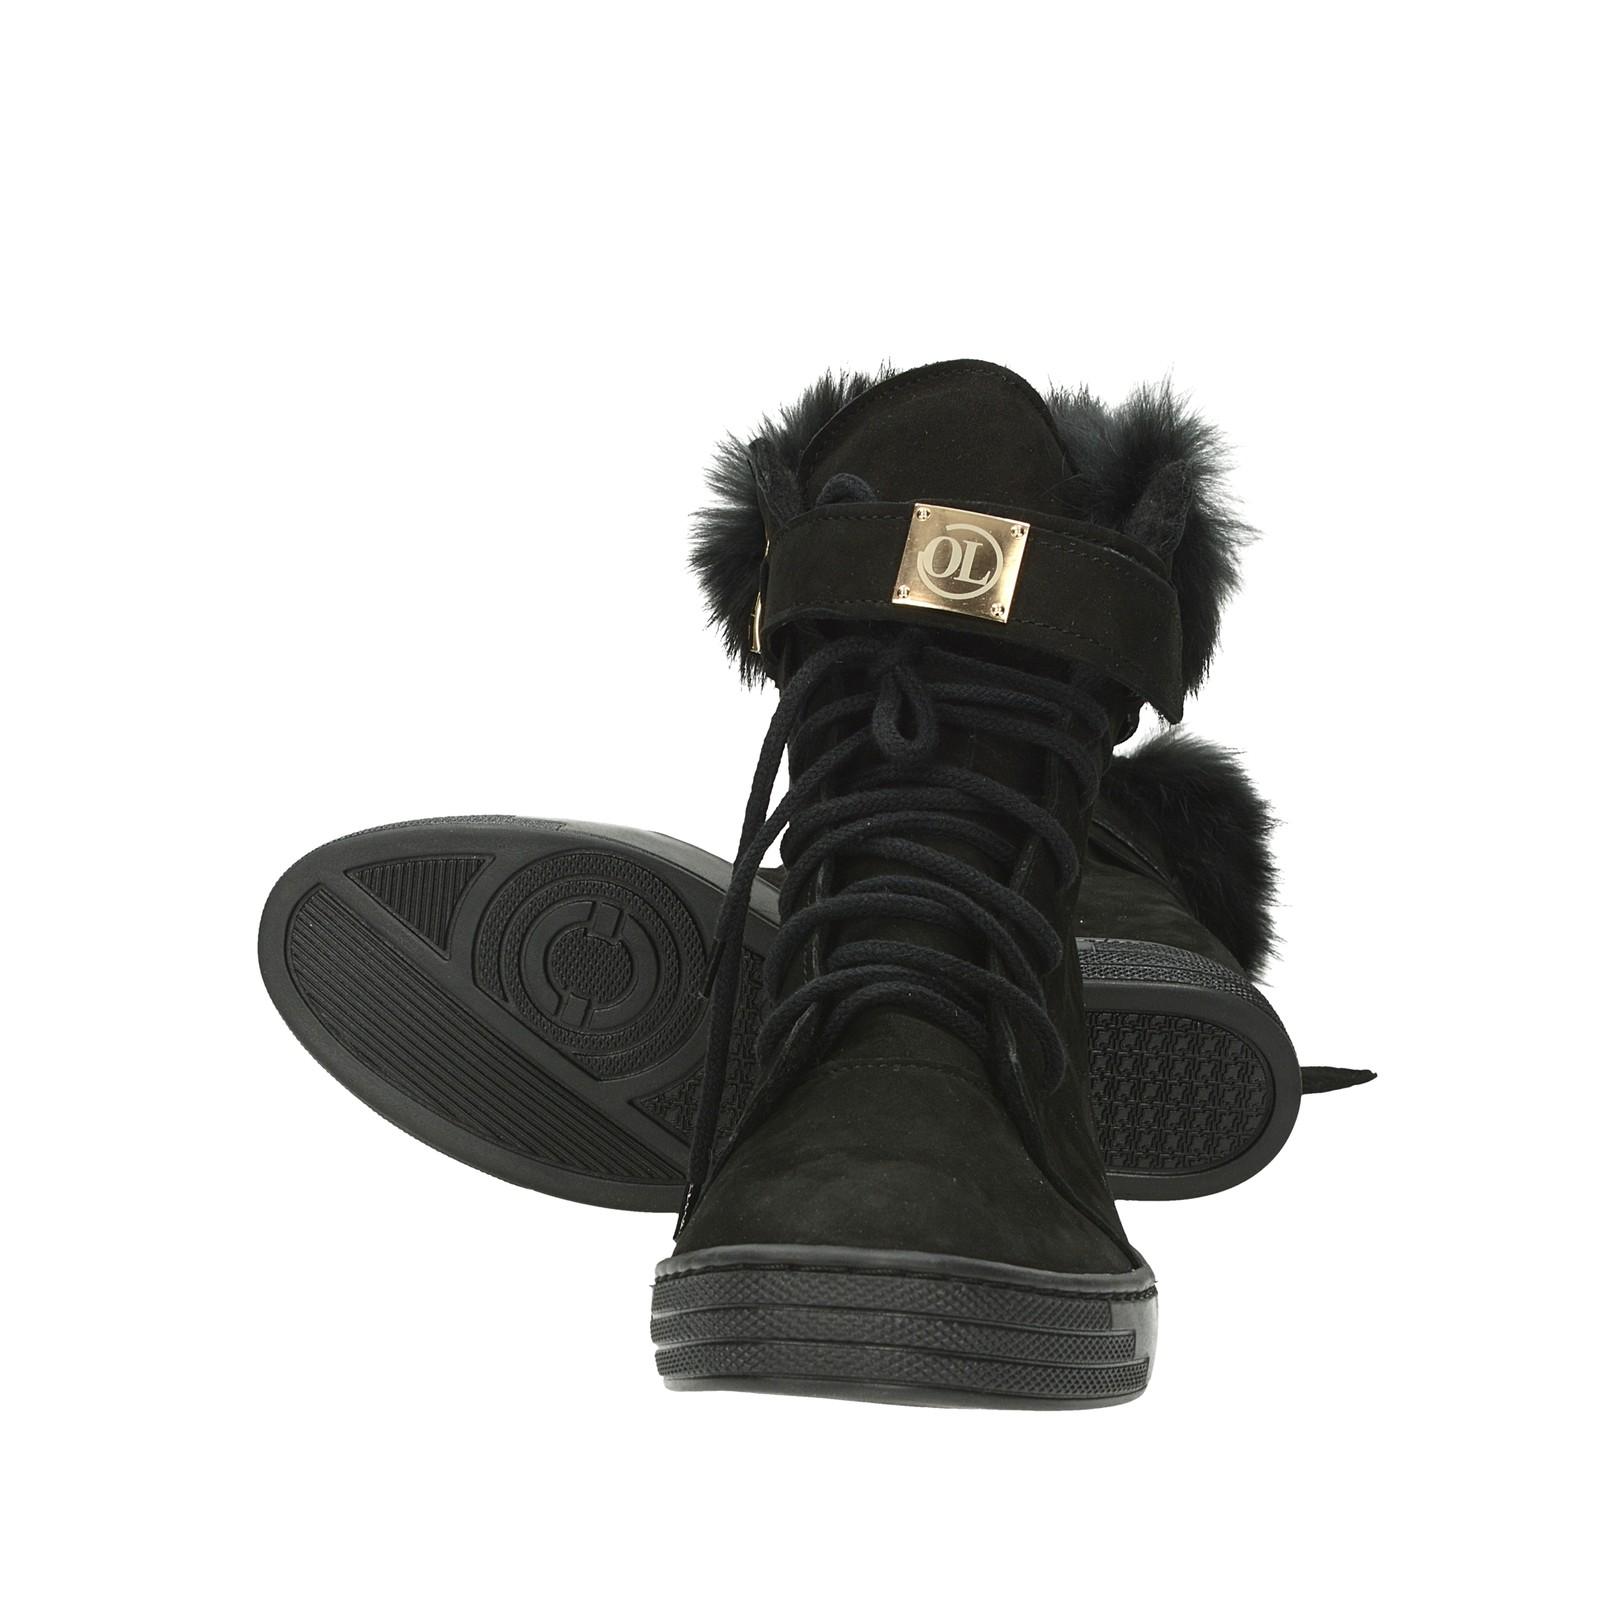 4b0f2ecc2ac ... Olivia shoes dámské stylové kotníkové boty na suchý zip - černé ...